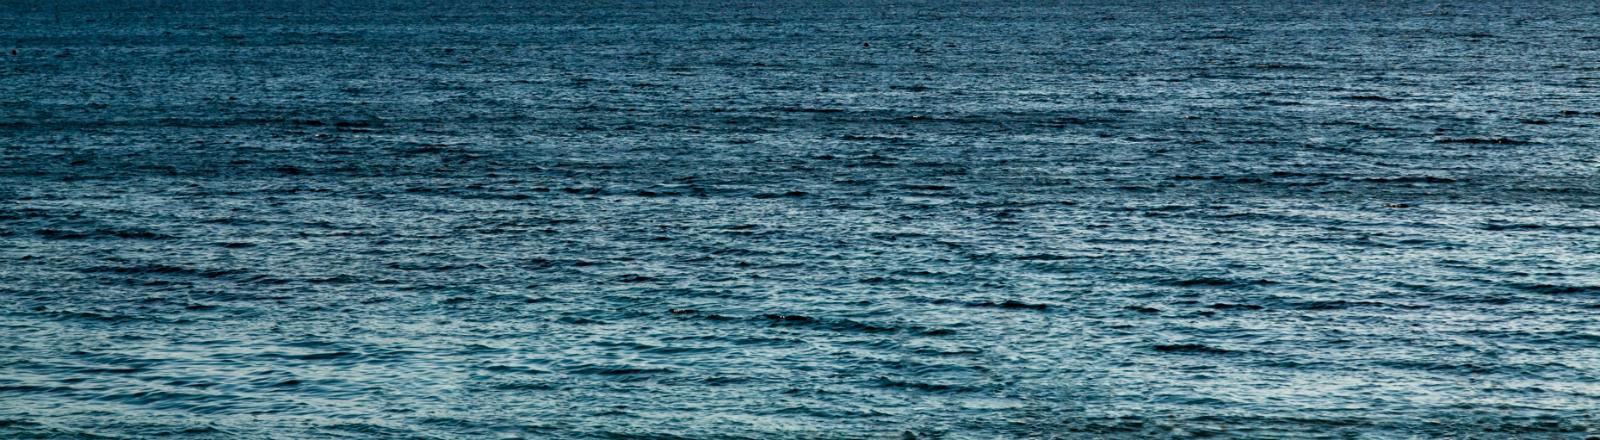 Blick über raue See.